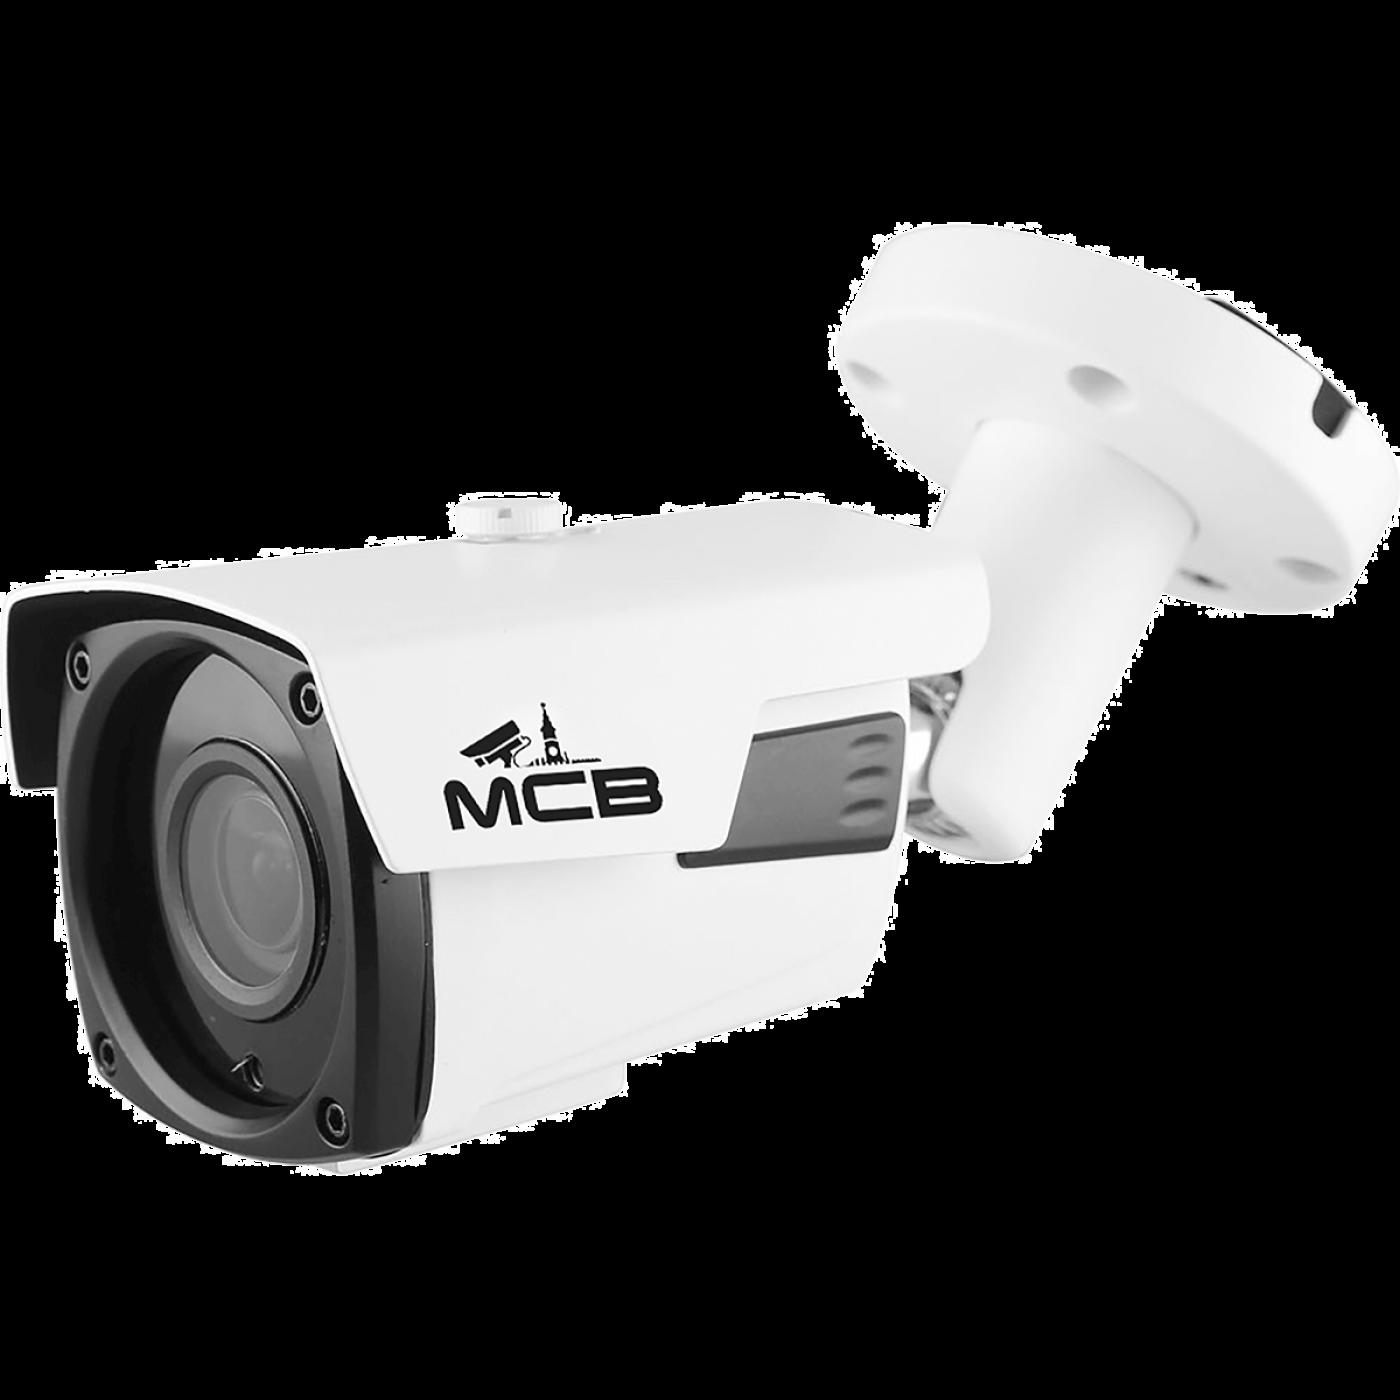 IP комплект видеонаблюдения на 3 камеры 5 Мегапикселей PRO